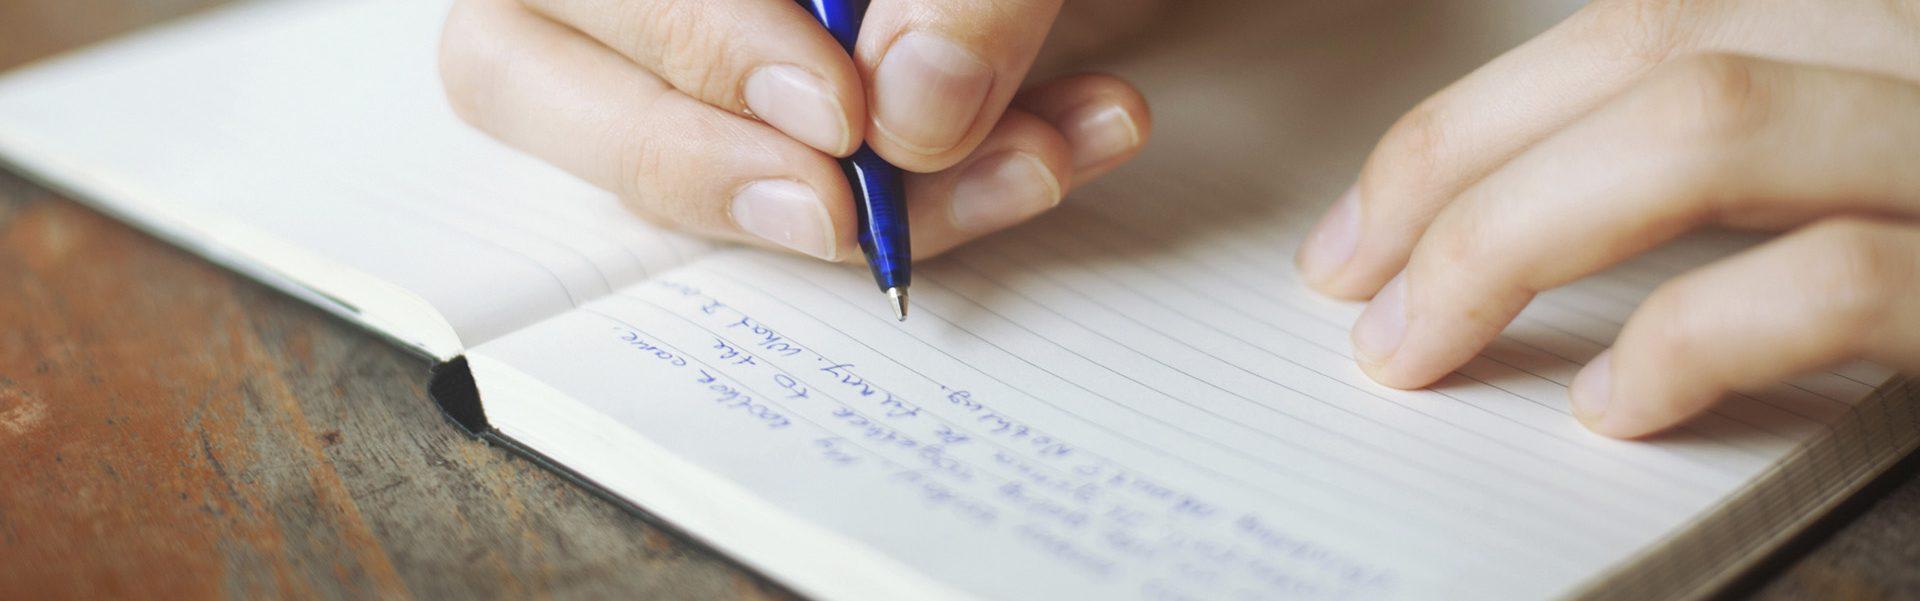 Write Texts